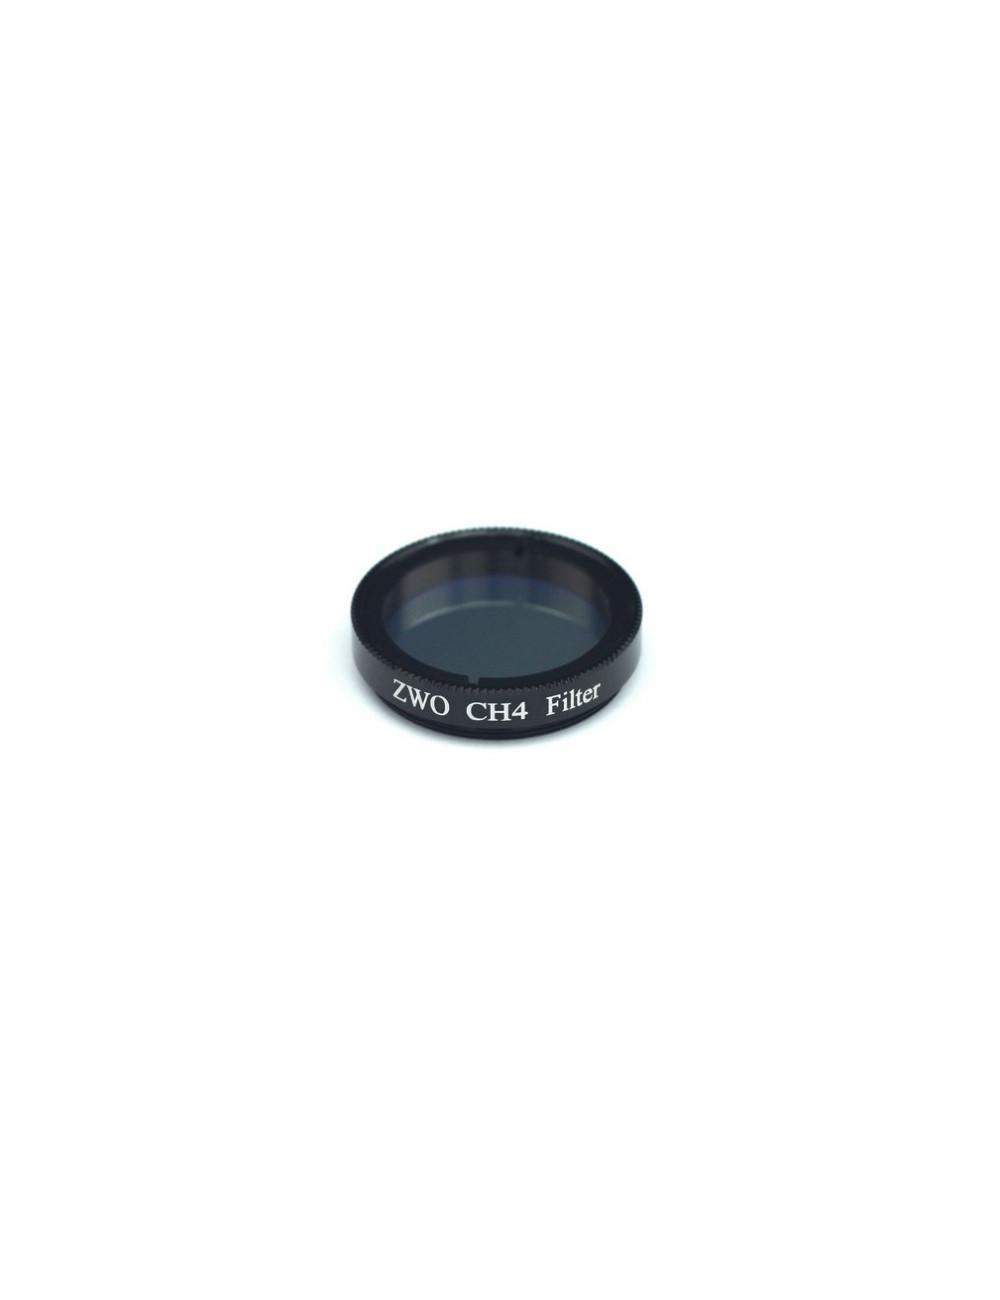 Filtre CH4 méthane 20nm ZWO coulant 31.75mm